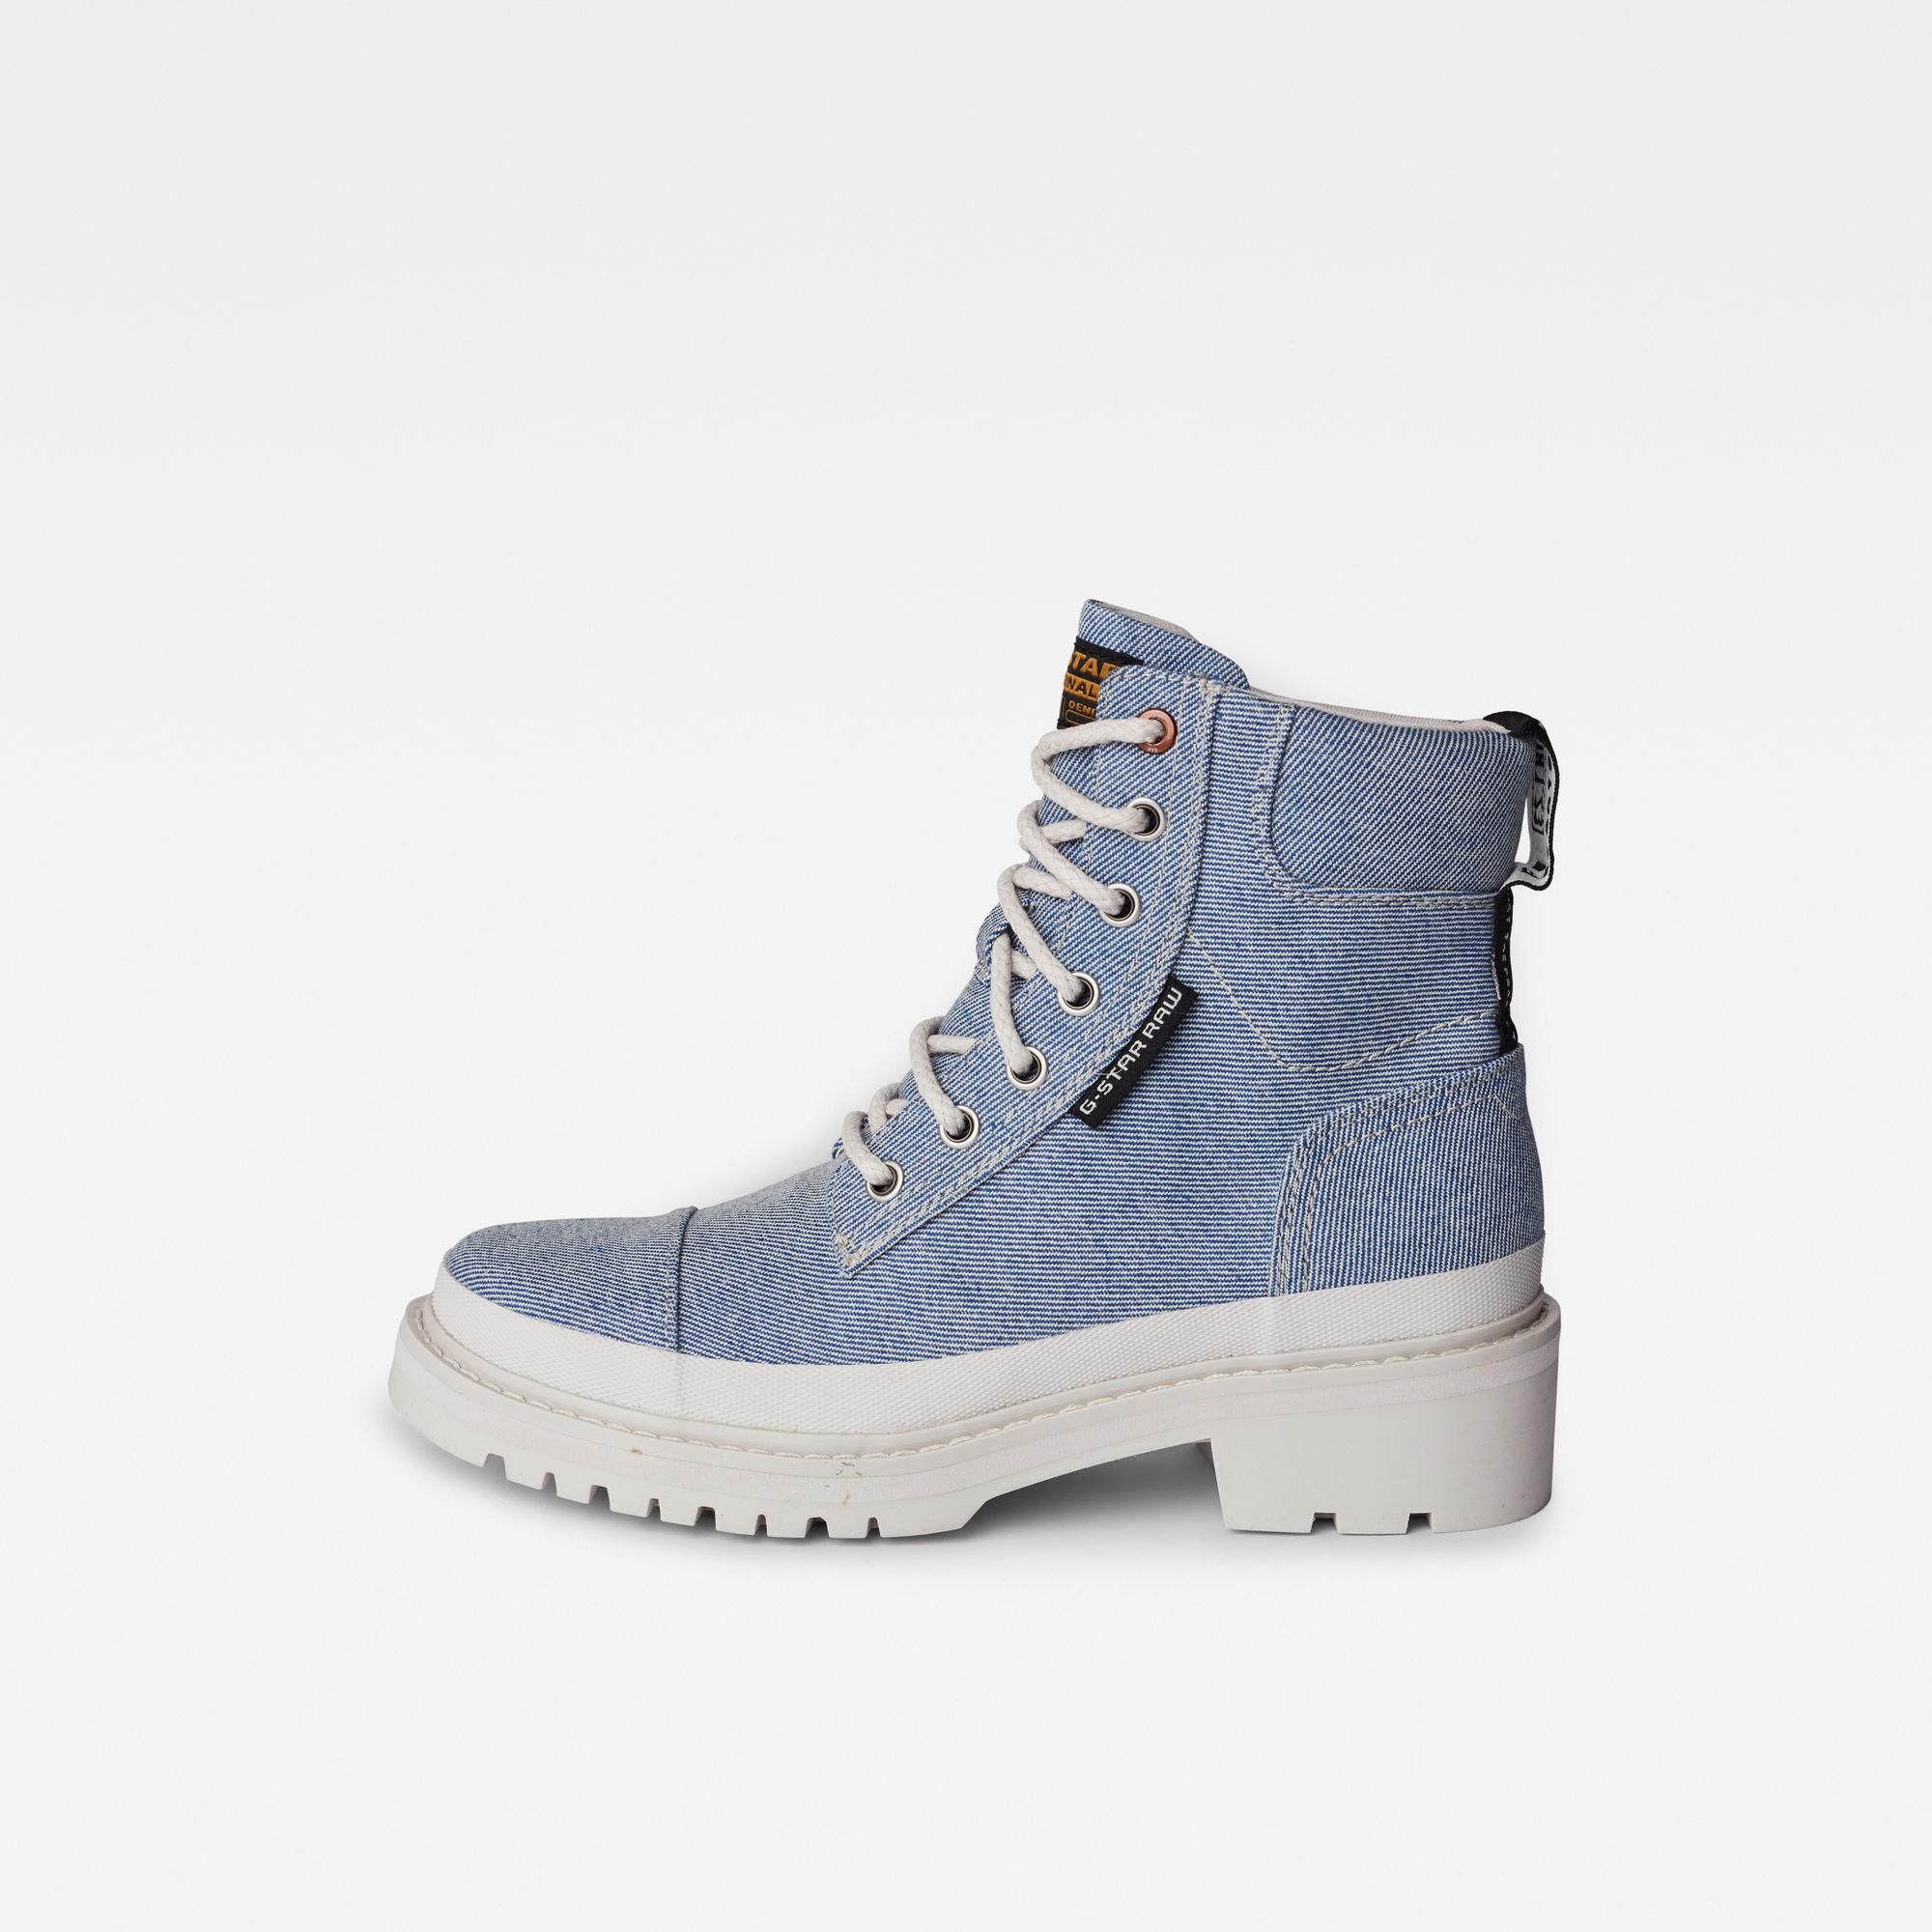 G-Star RAW Dames Aefon Boots Q2 Lichtblauw